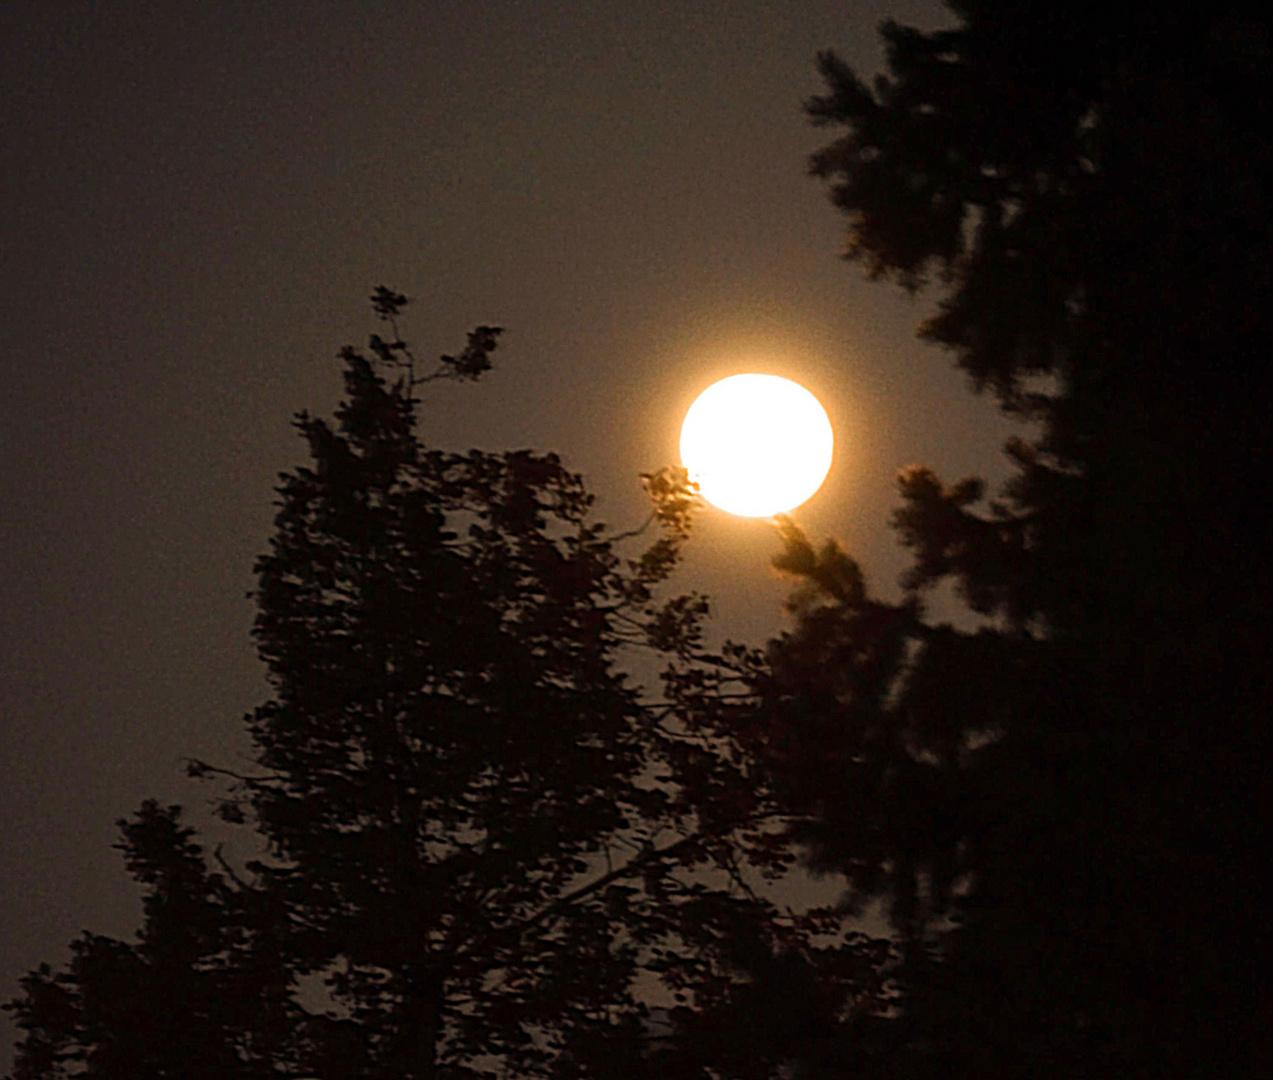 Seht ihr den Mond dort stehen ?...........